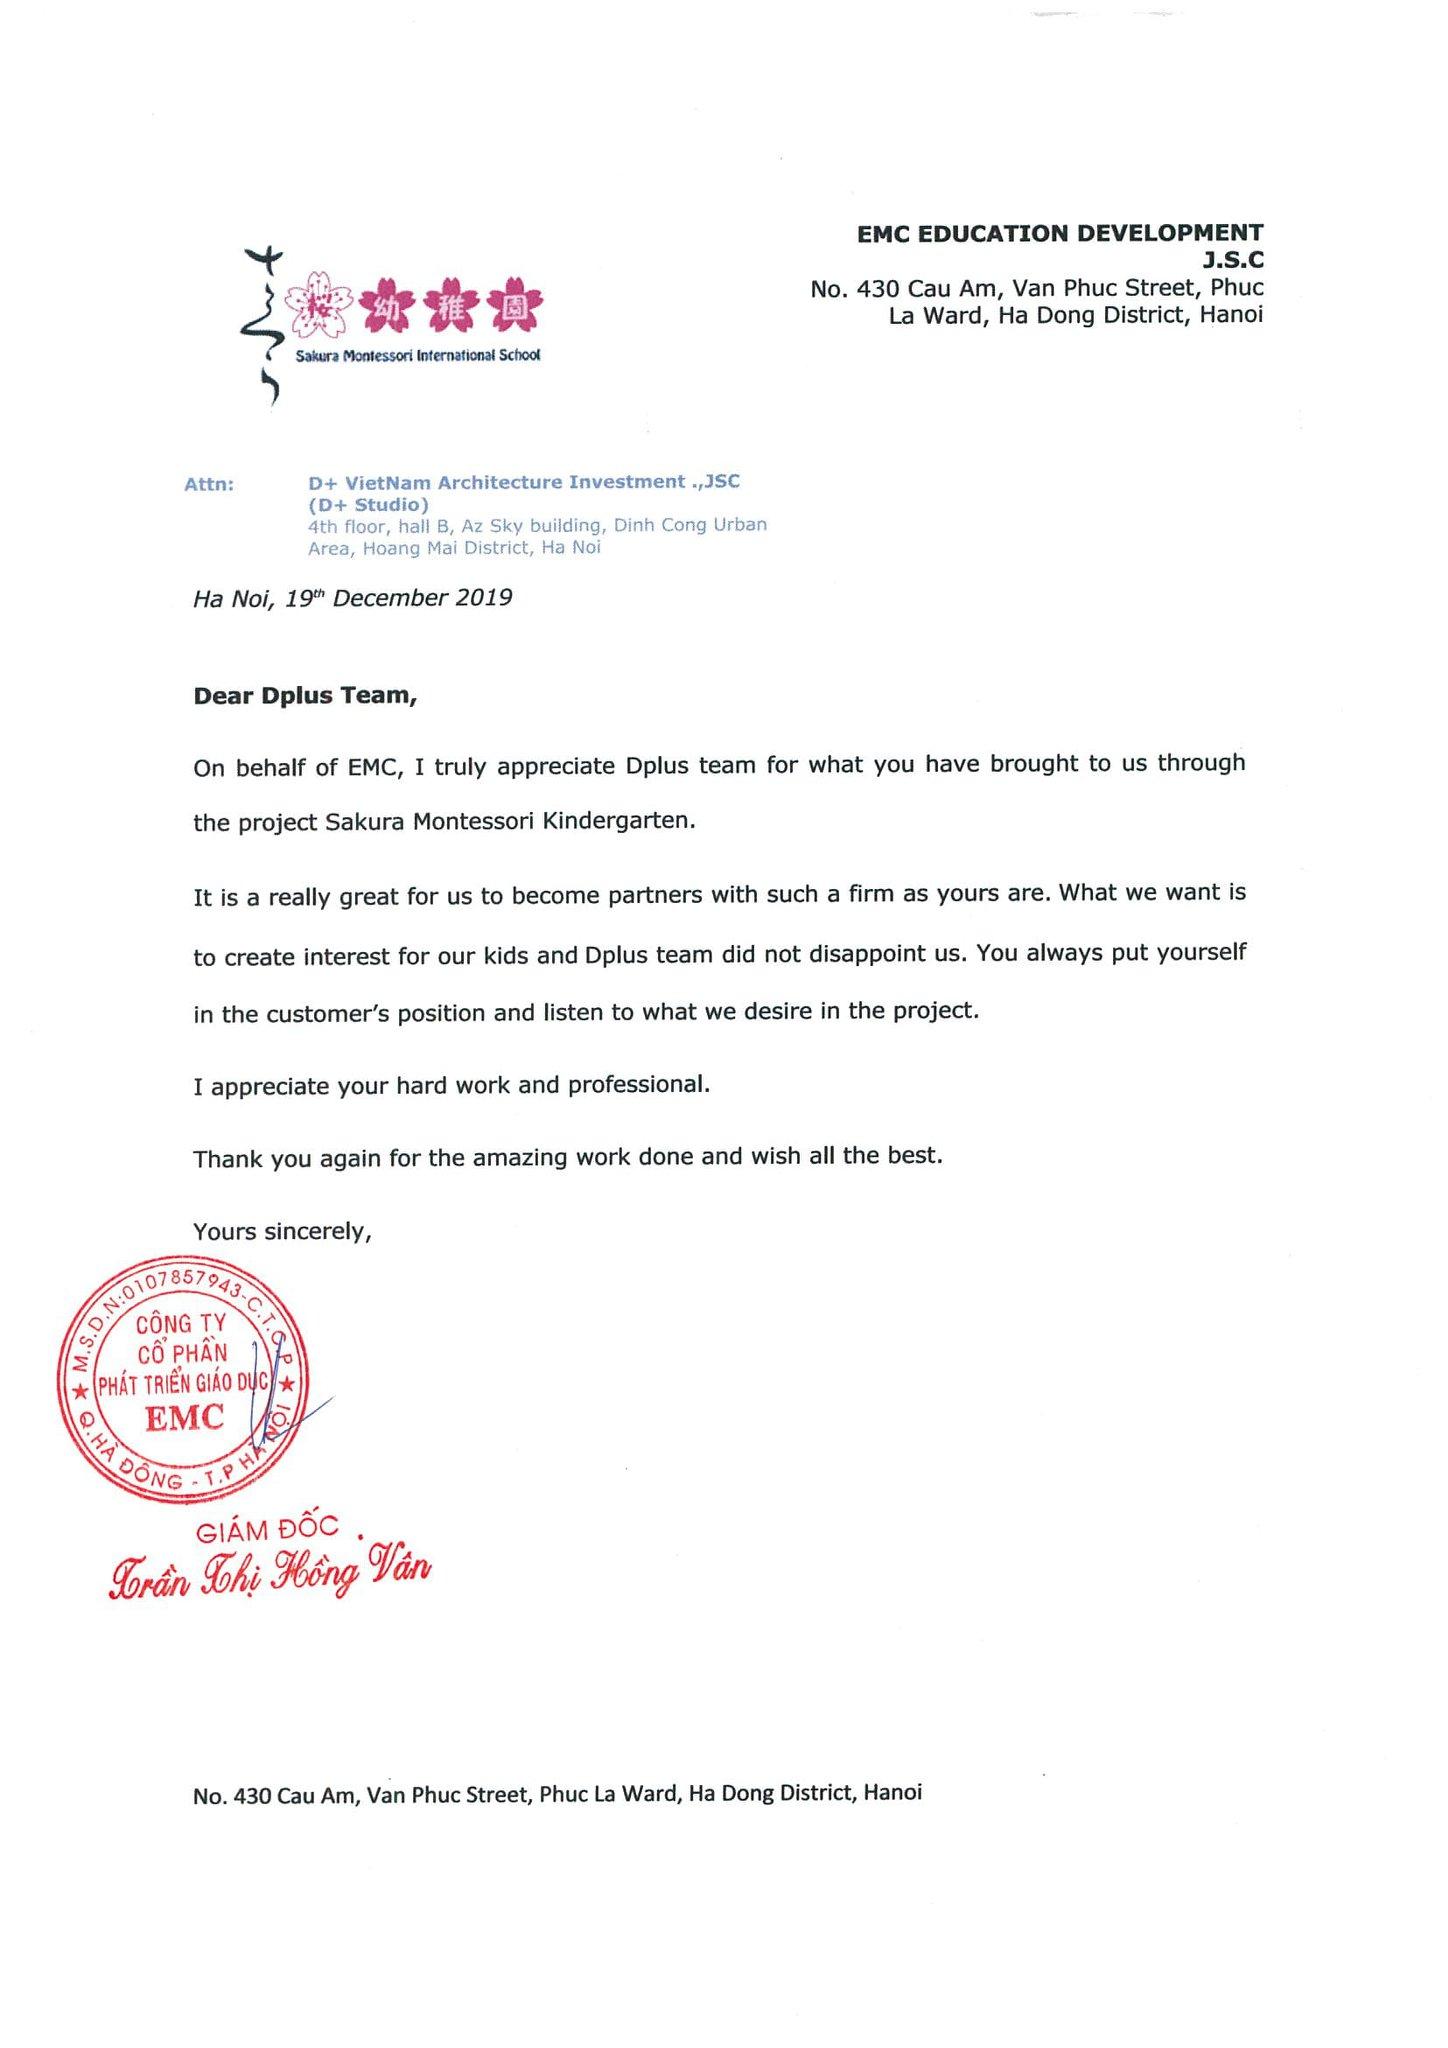 Sakura Recommend Letter